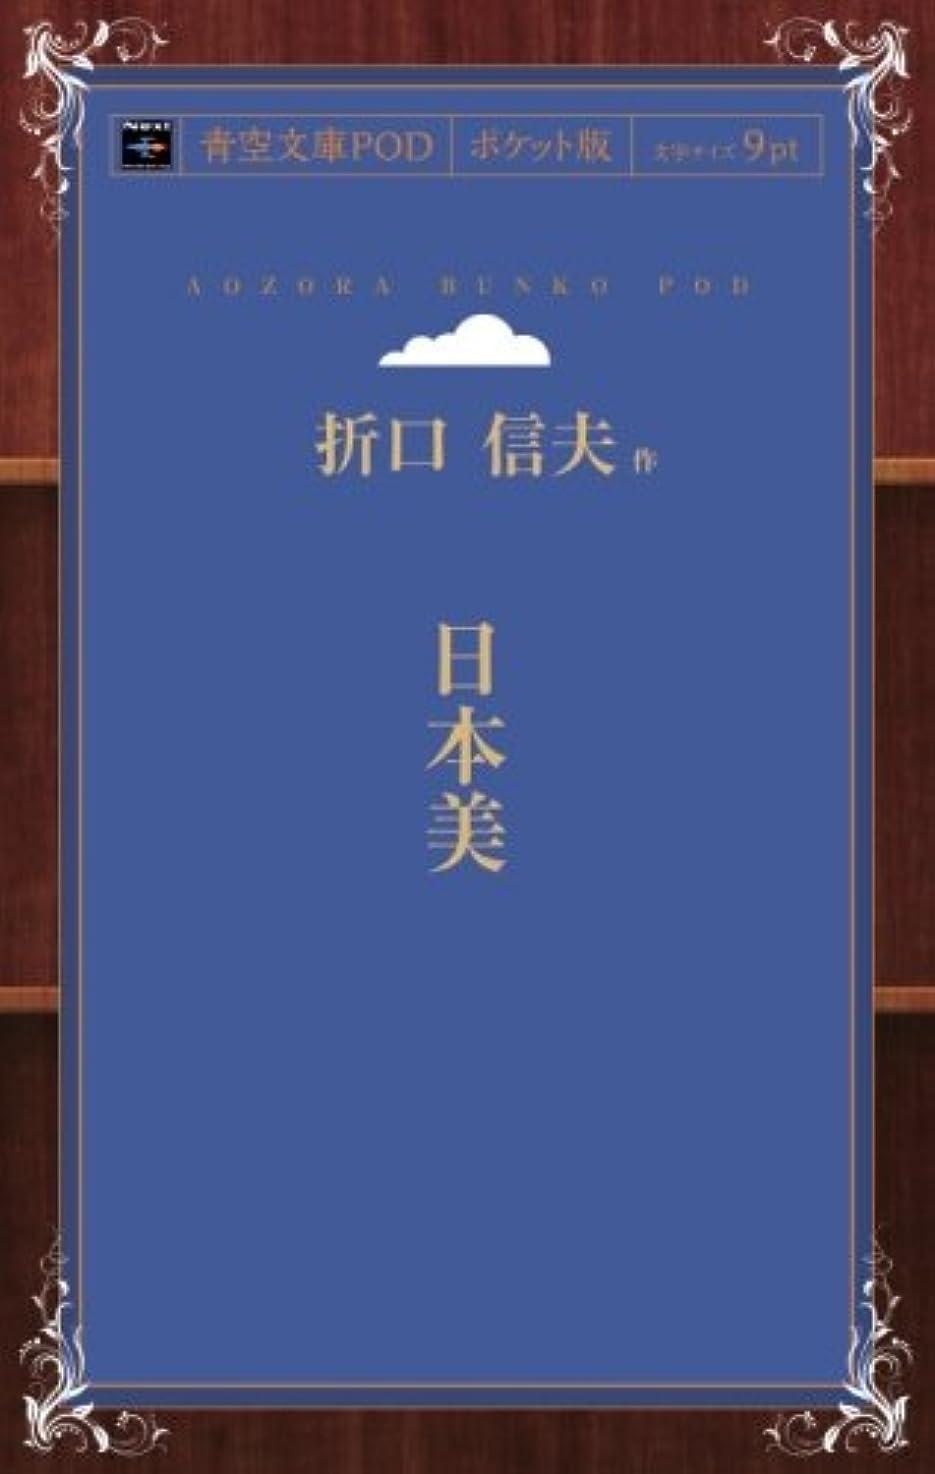 アグネスグレイ記念日バタフライ日本美 (青空文庫POD(ポケット版))